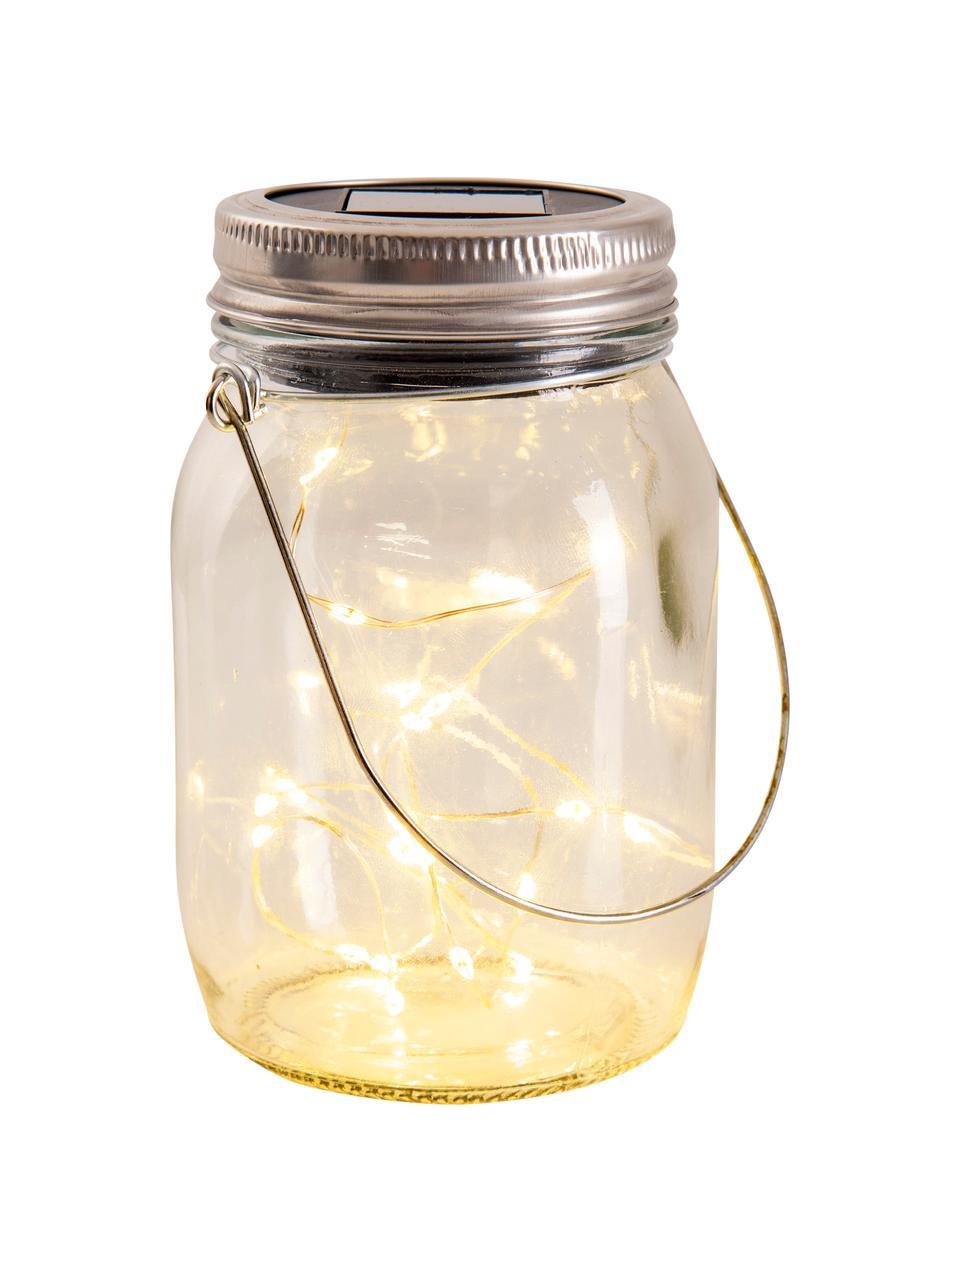 Solar Außentischlampe Nanay, 3 Stück, Lampenschirm: Glas, Deckel: Kunststoff, Griff: Metall, Transparent, Silberfarben, Ø 8 cm